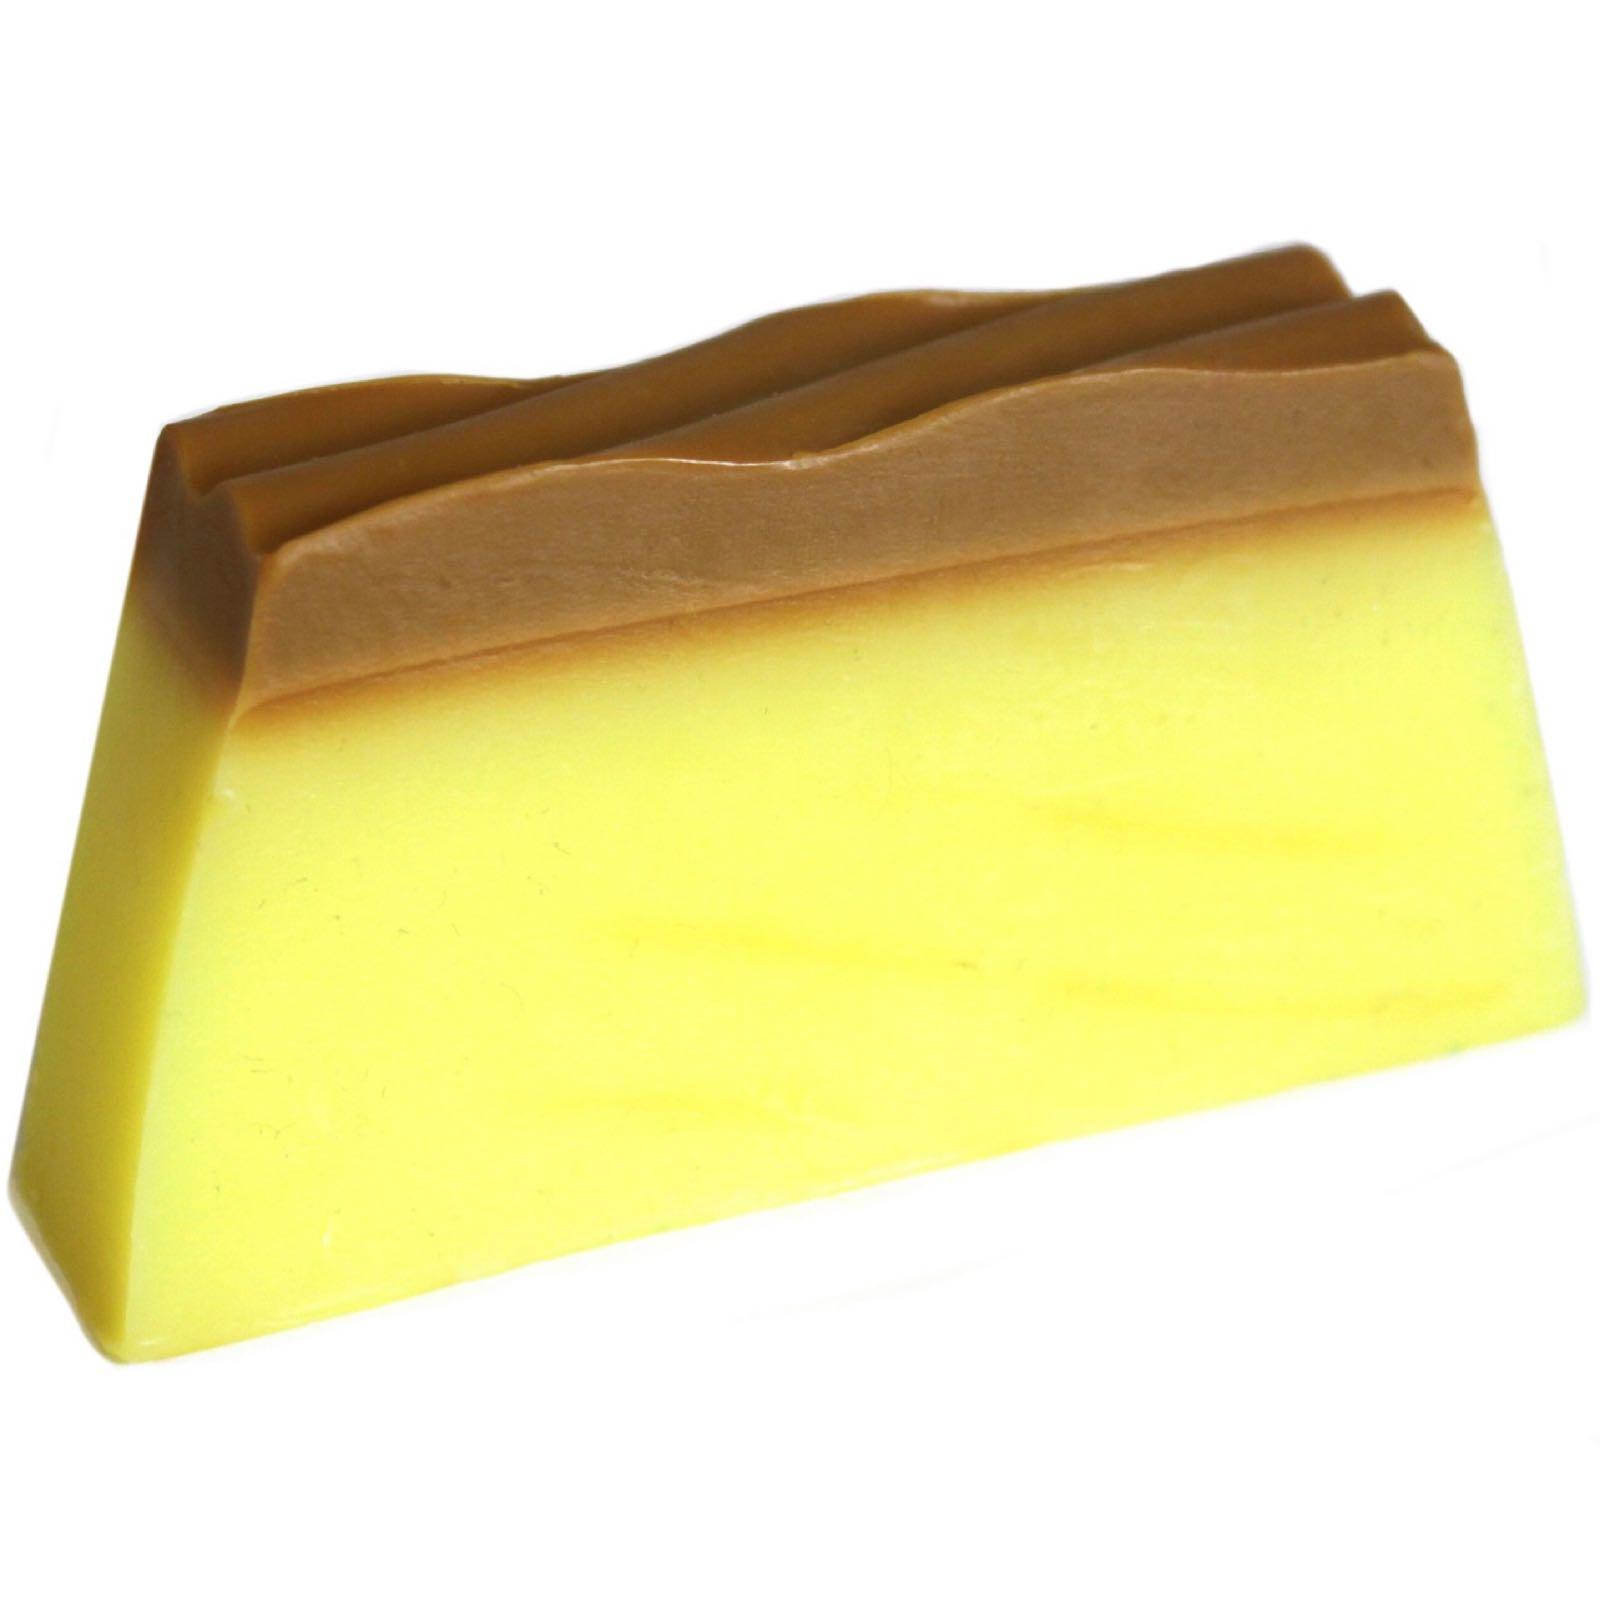 Pineapple Soap Slice